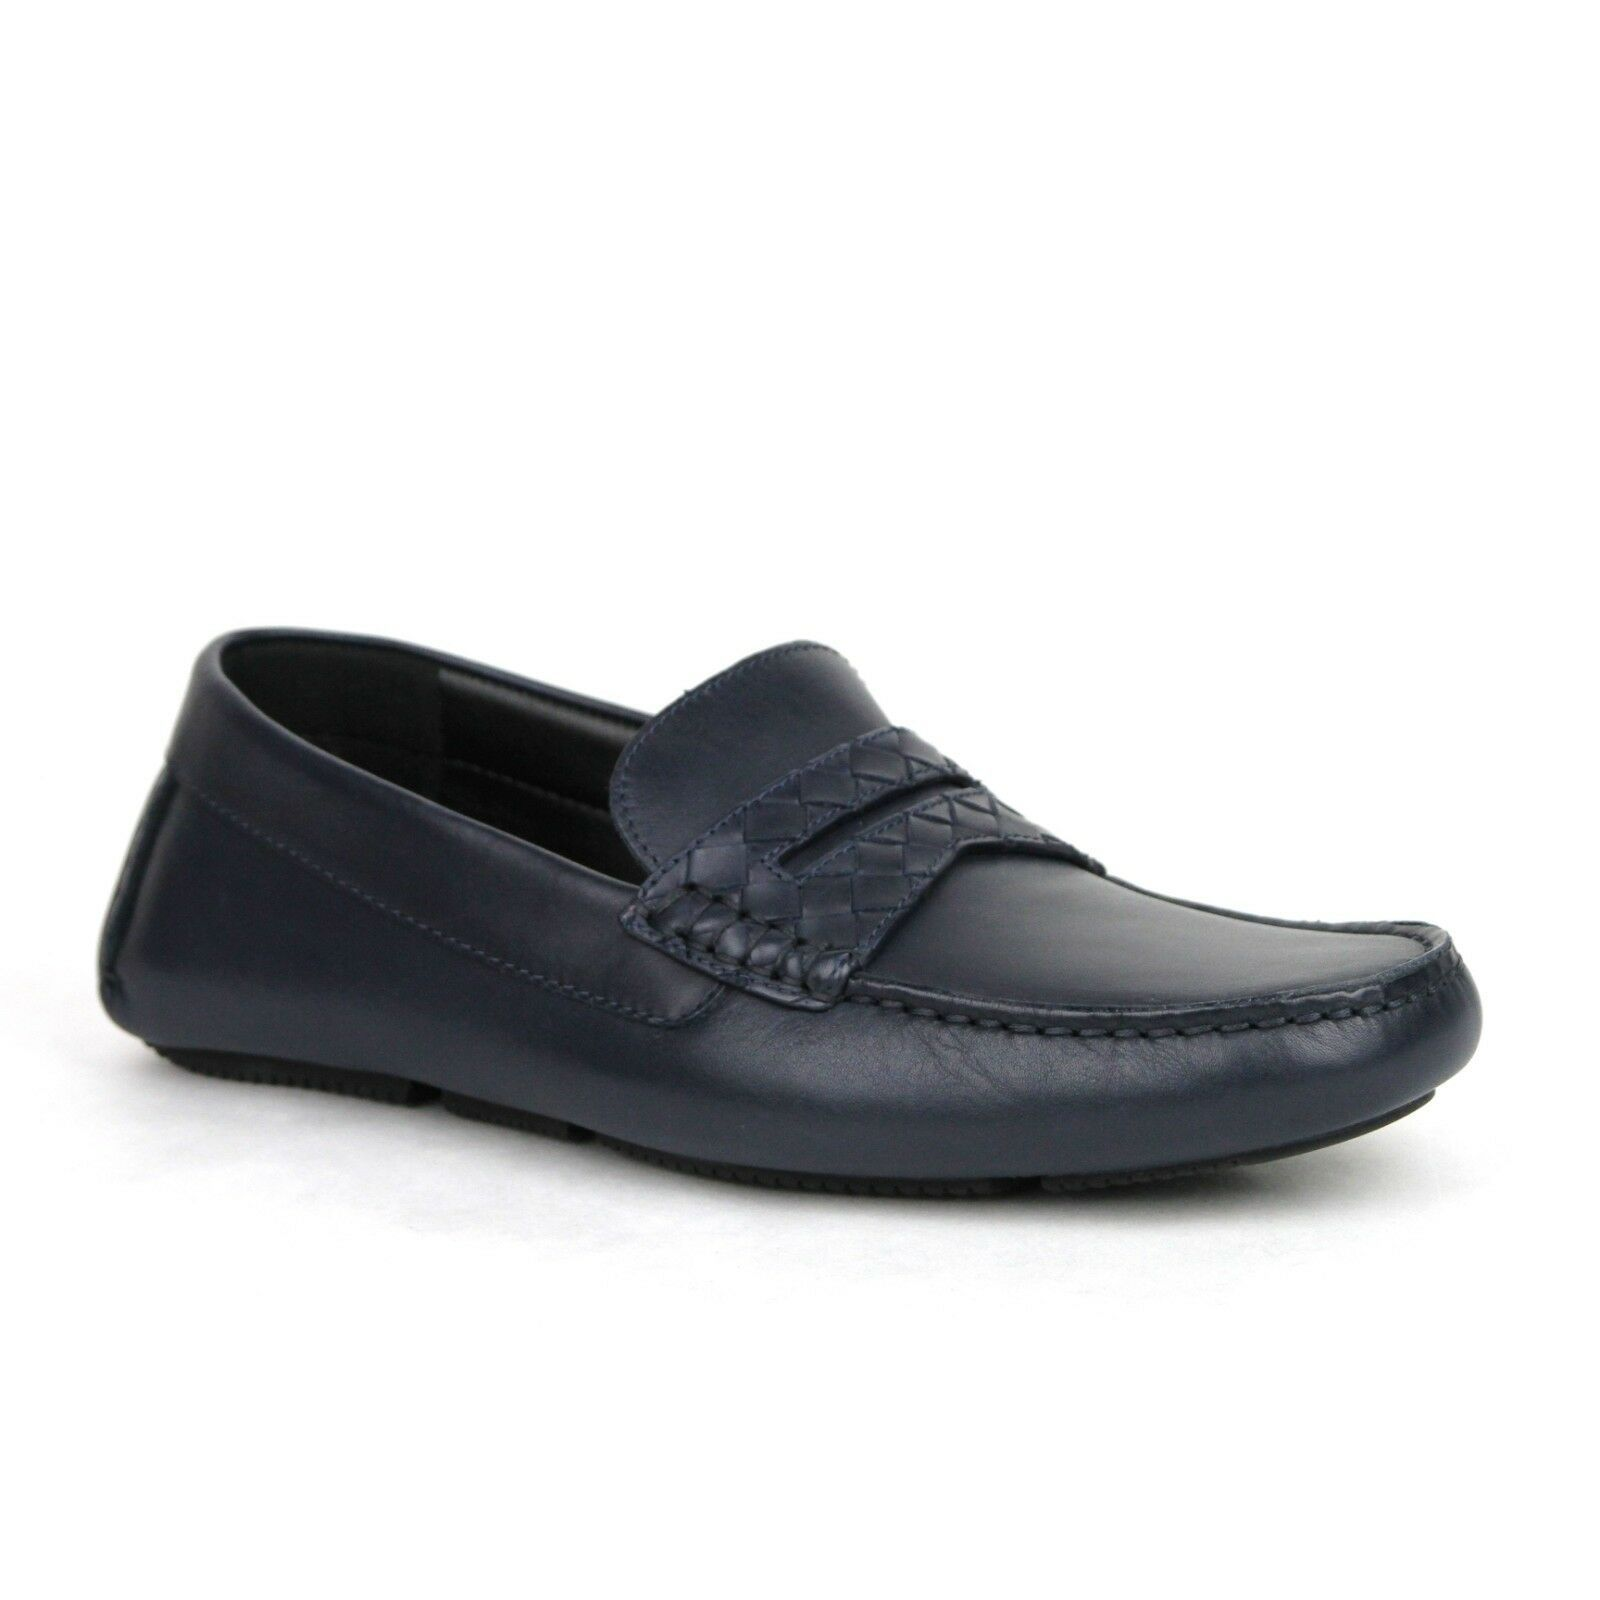 BOTTEGA MARCHIGIANA Luxury Fashion Mens LACE-UP Shoes Summer Black